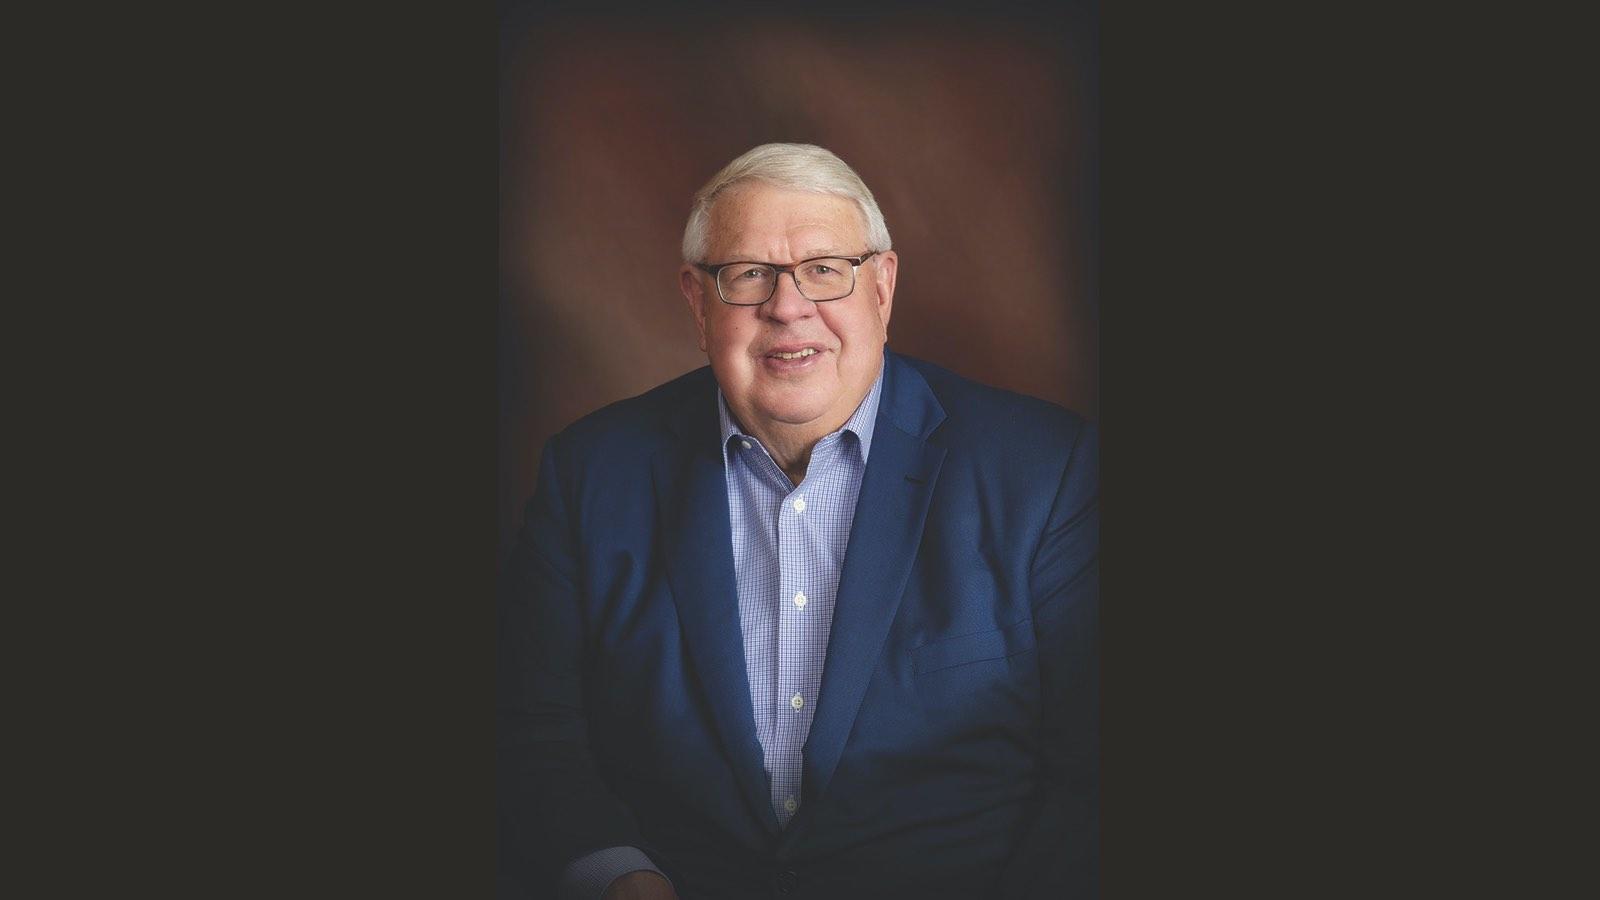 Tom Rosen 2018 headshot photo